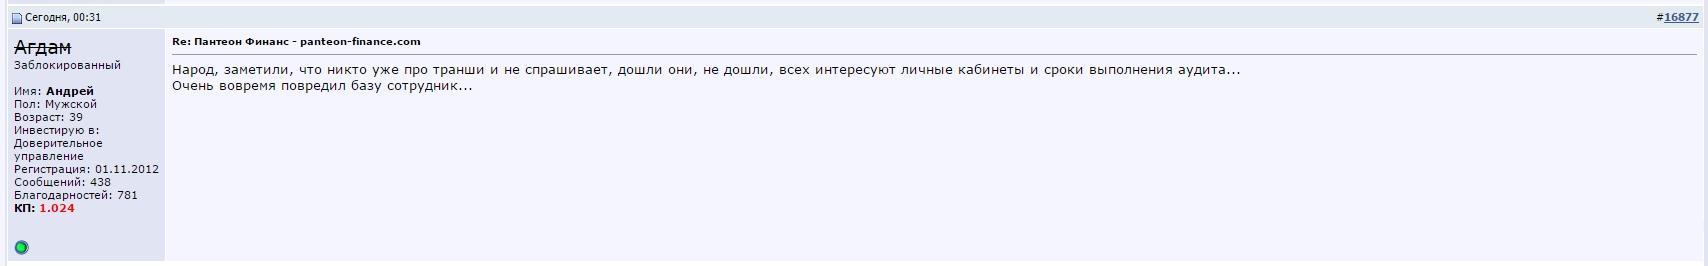 Внимательный инвестор, писавший и забаненный сегодня на форуме mmpg.ru